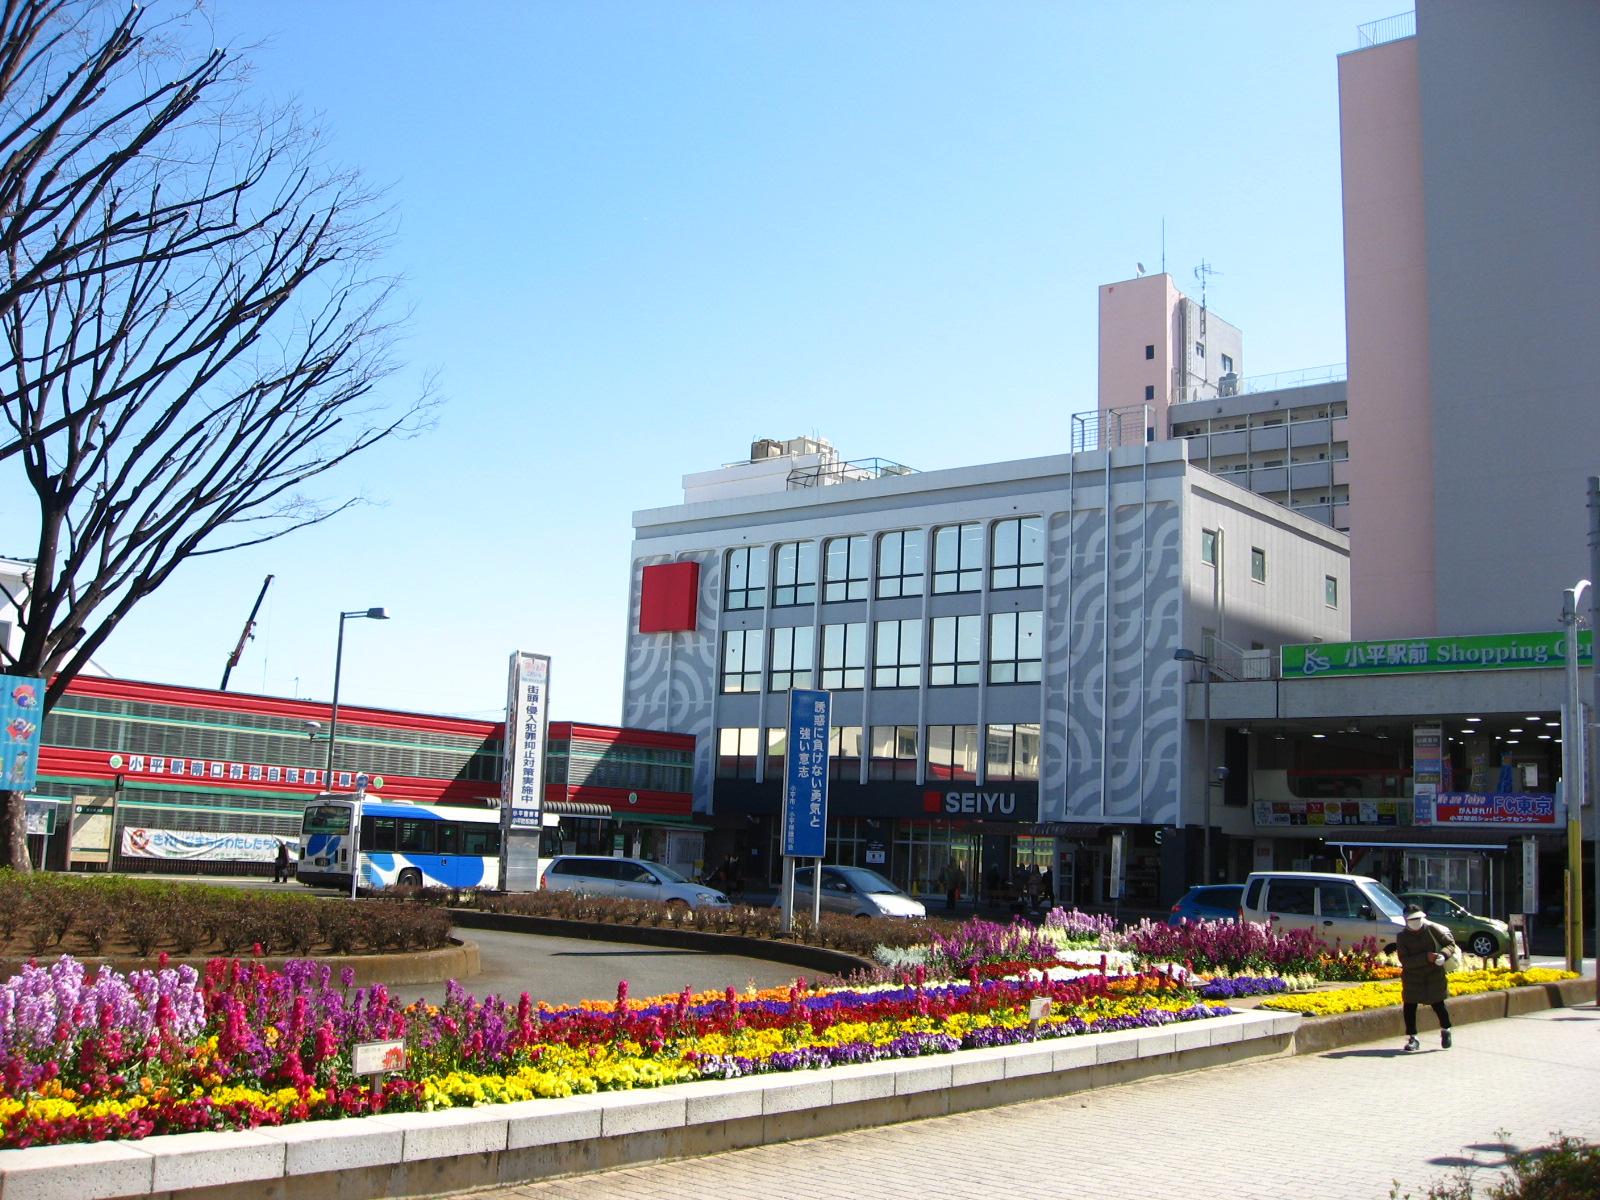 スーパー 西友小平店(スーパー)まで333m